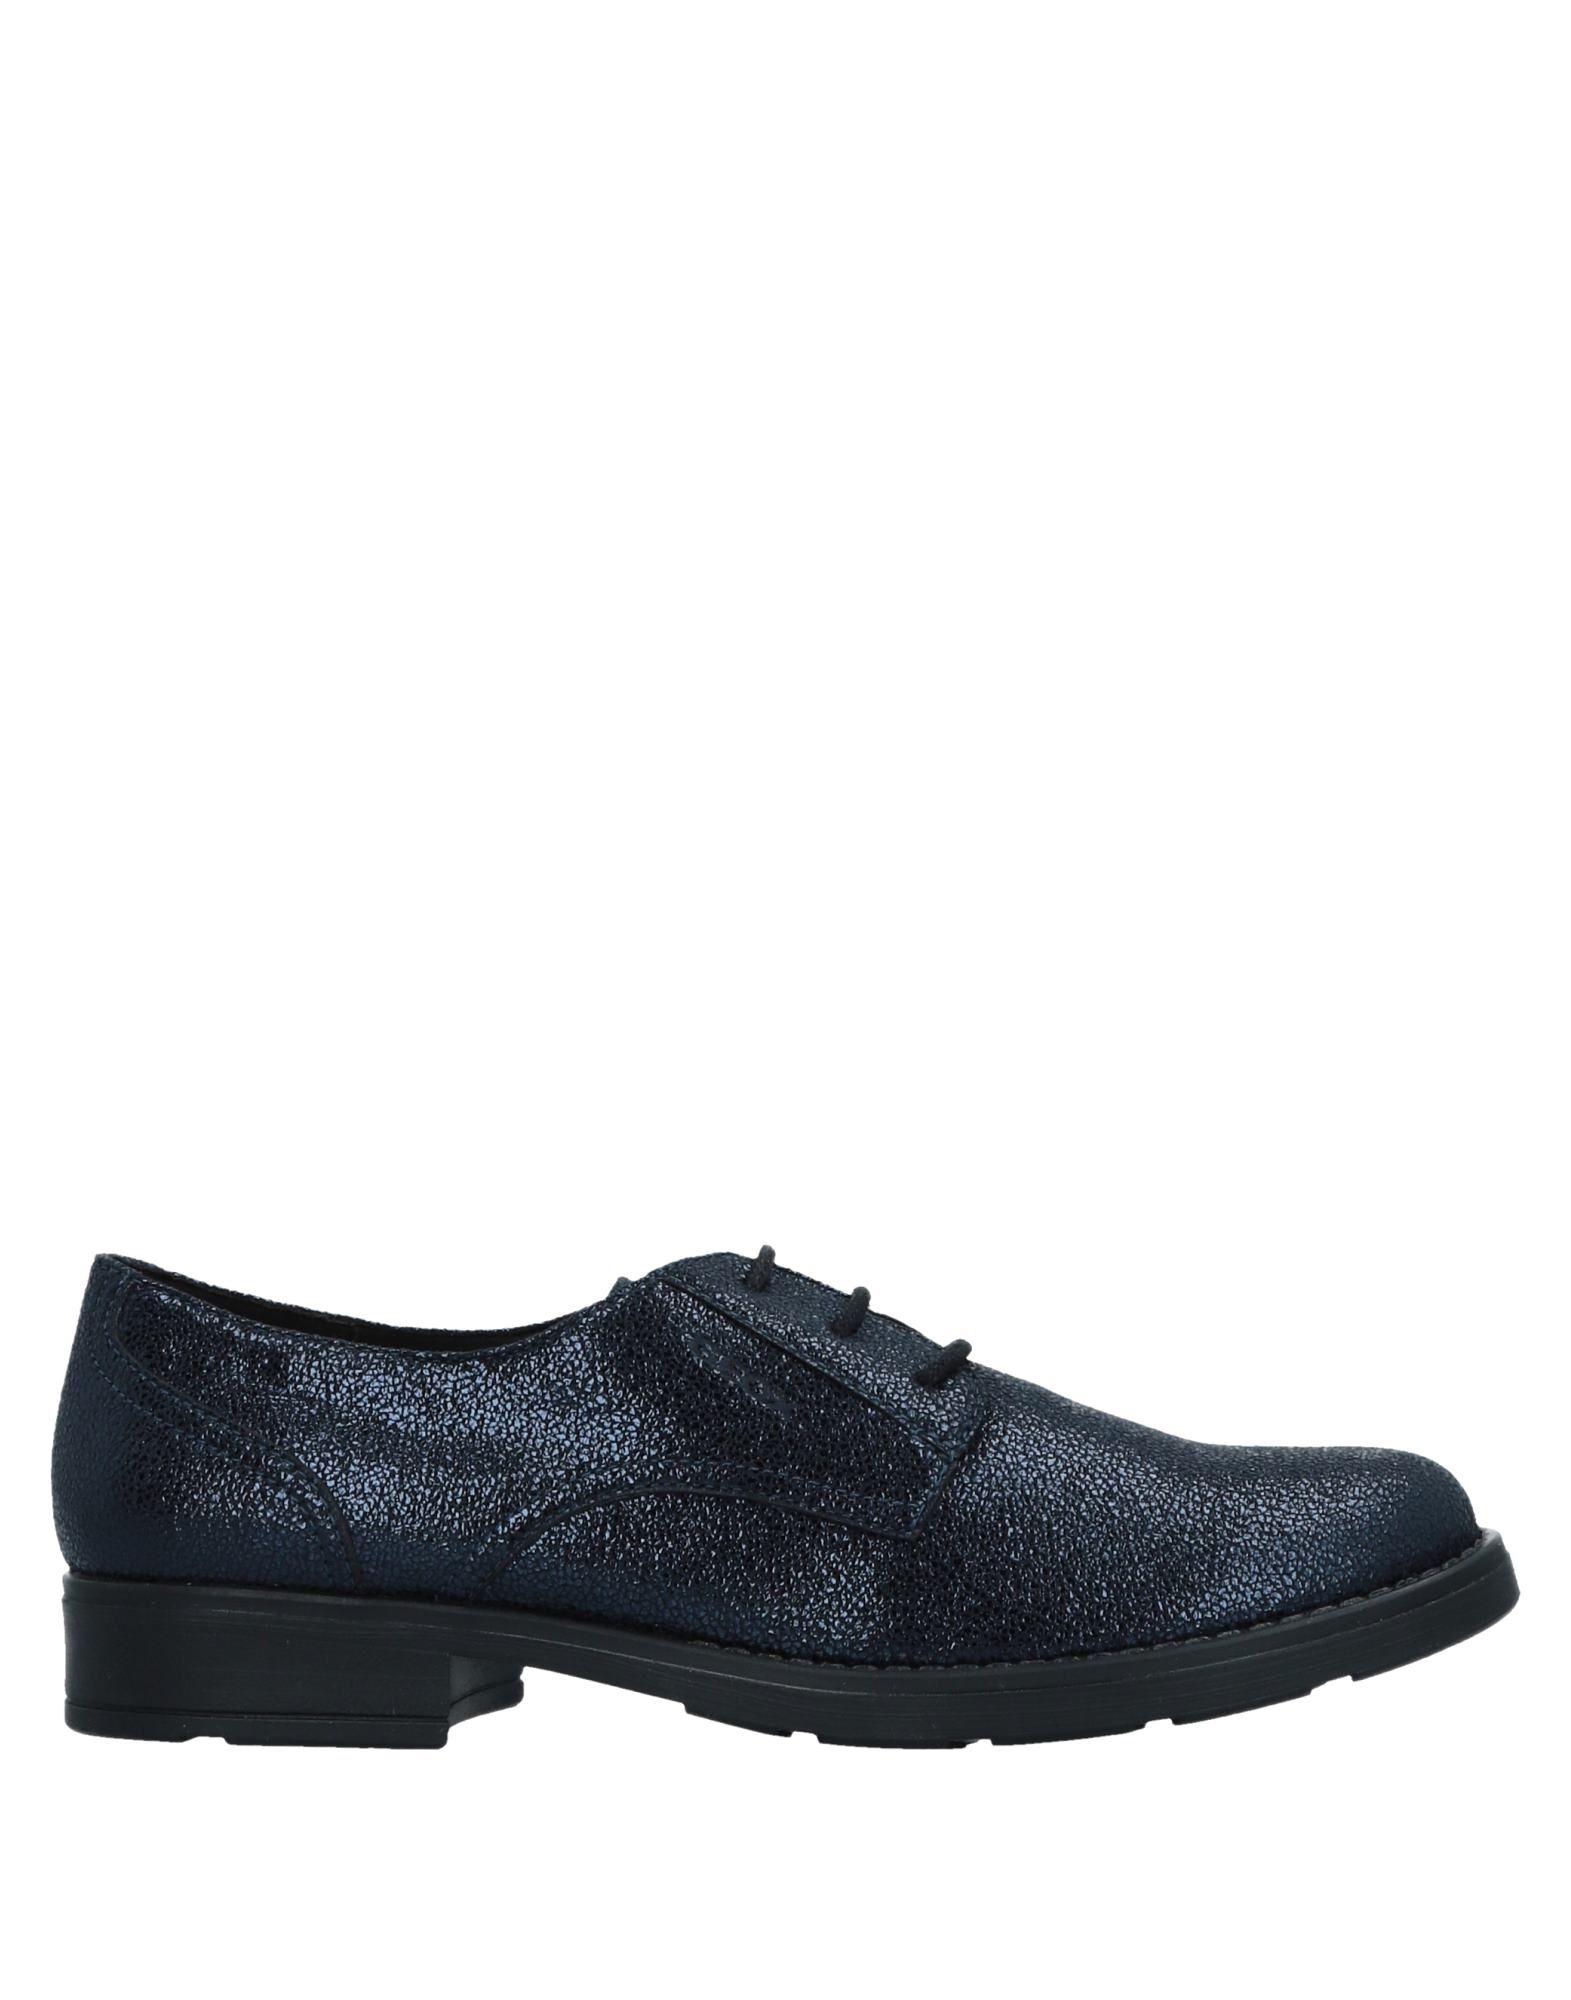 Geox Schnürschuhe Damen  11522678DB Gute Qualität beliebte Schuhe